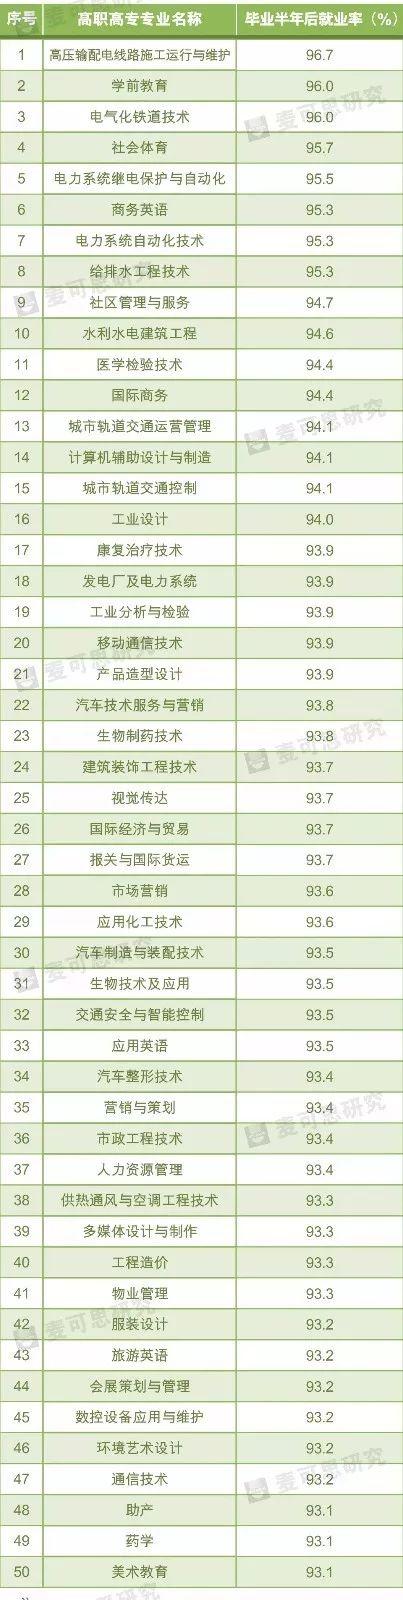 北京赛车pk10怎么下注:2017就业率最高专业前50出炉_本科方面:软件工程排第一